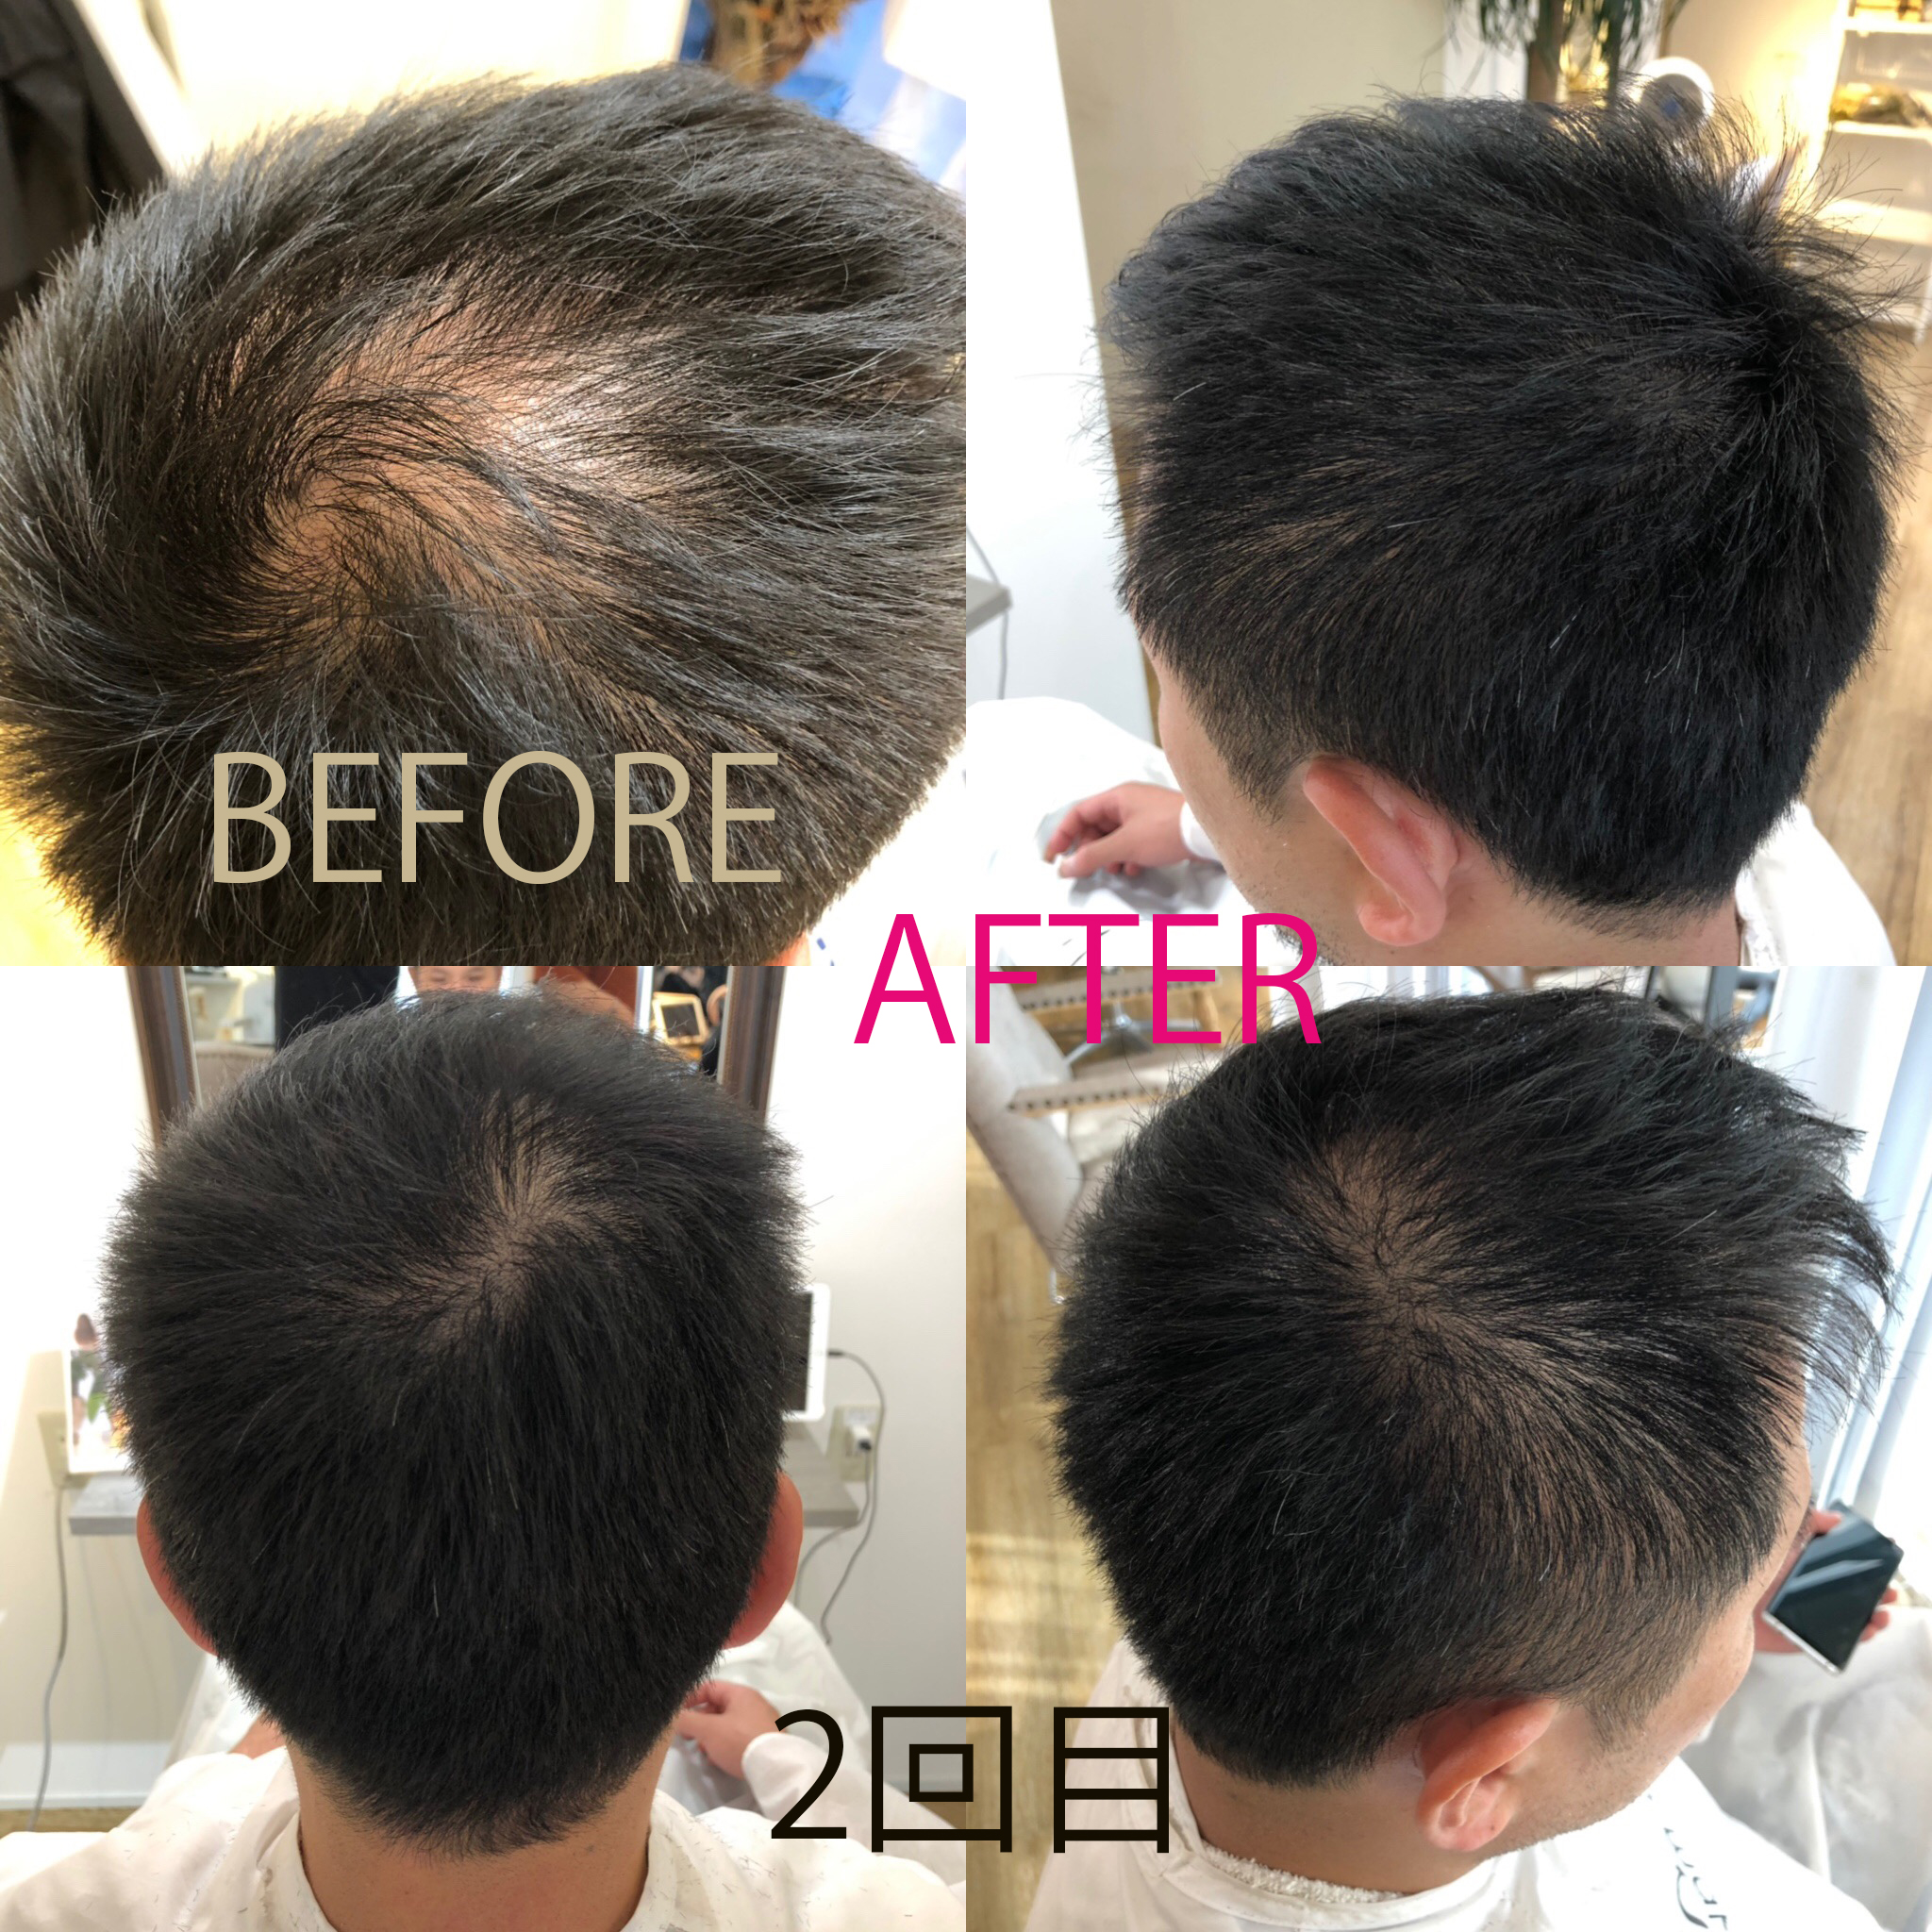 発毛も可能にしたヒト幹細胞培養液